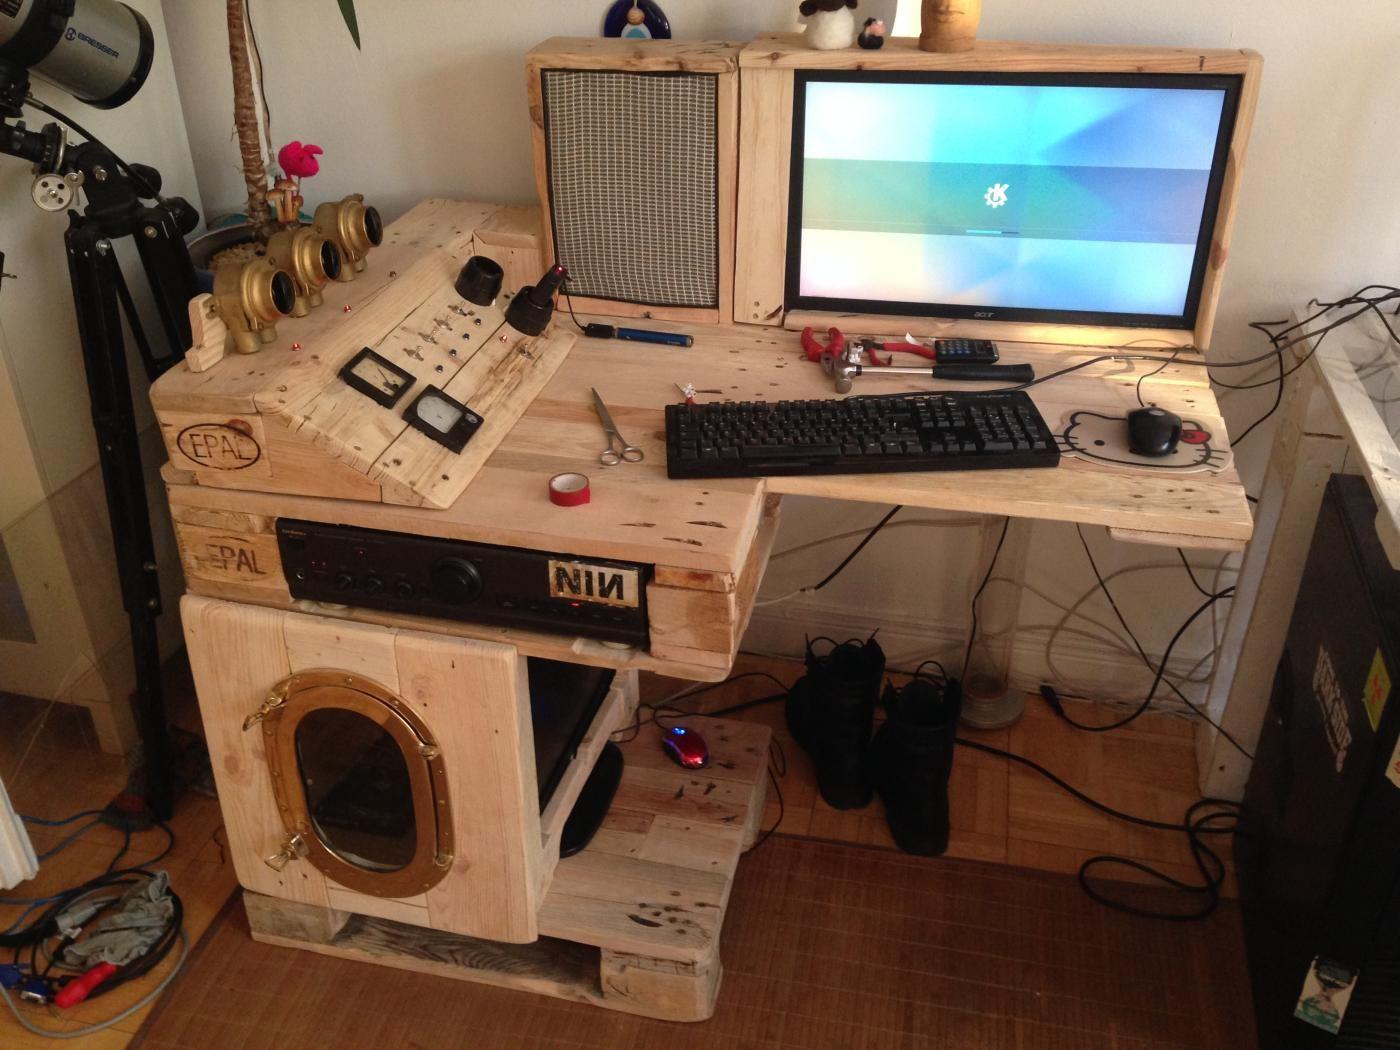 Apple schreibtisch bauen  Steampunk-Schreibtisch mit Tor-Server, Teil 1 fertiggestellt | mod ...